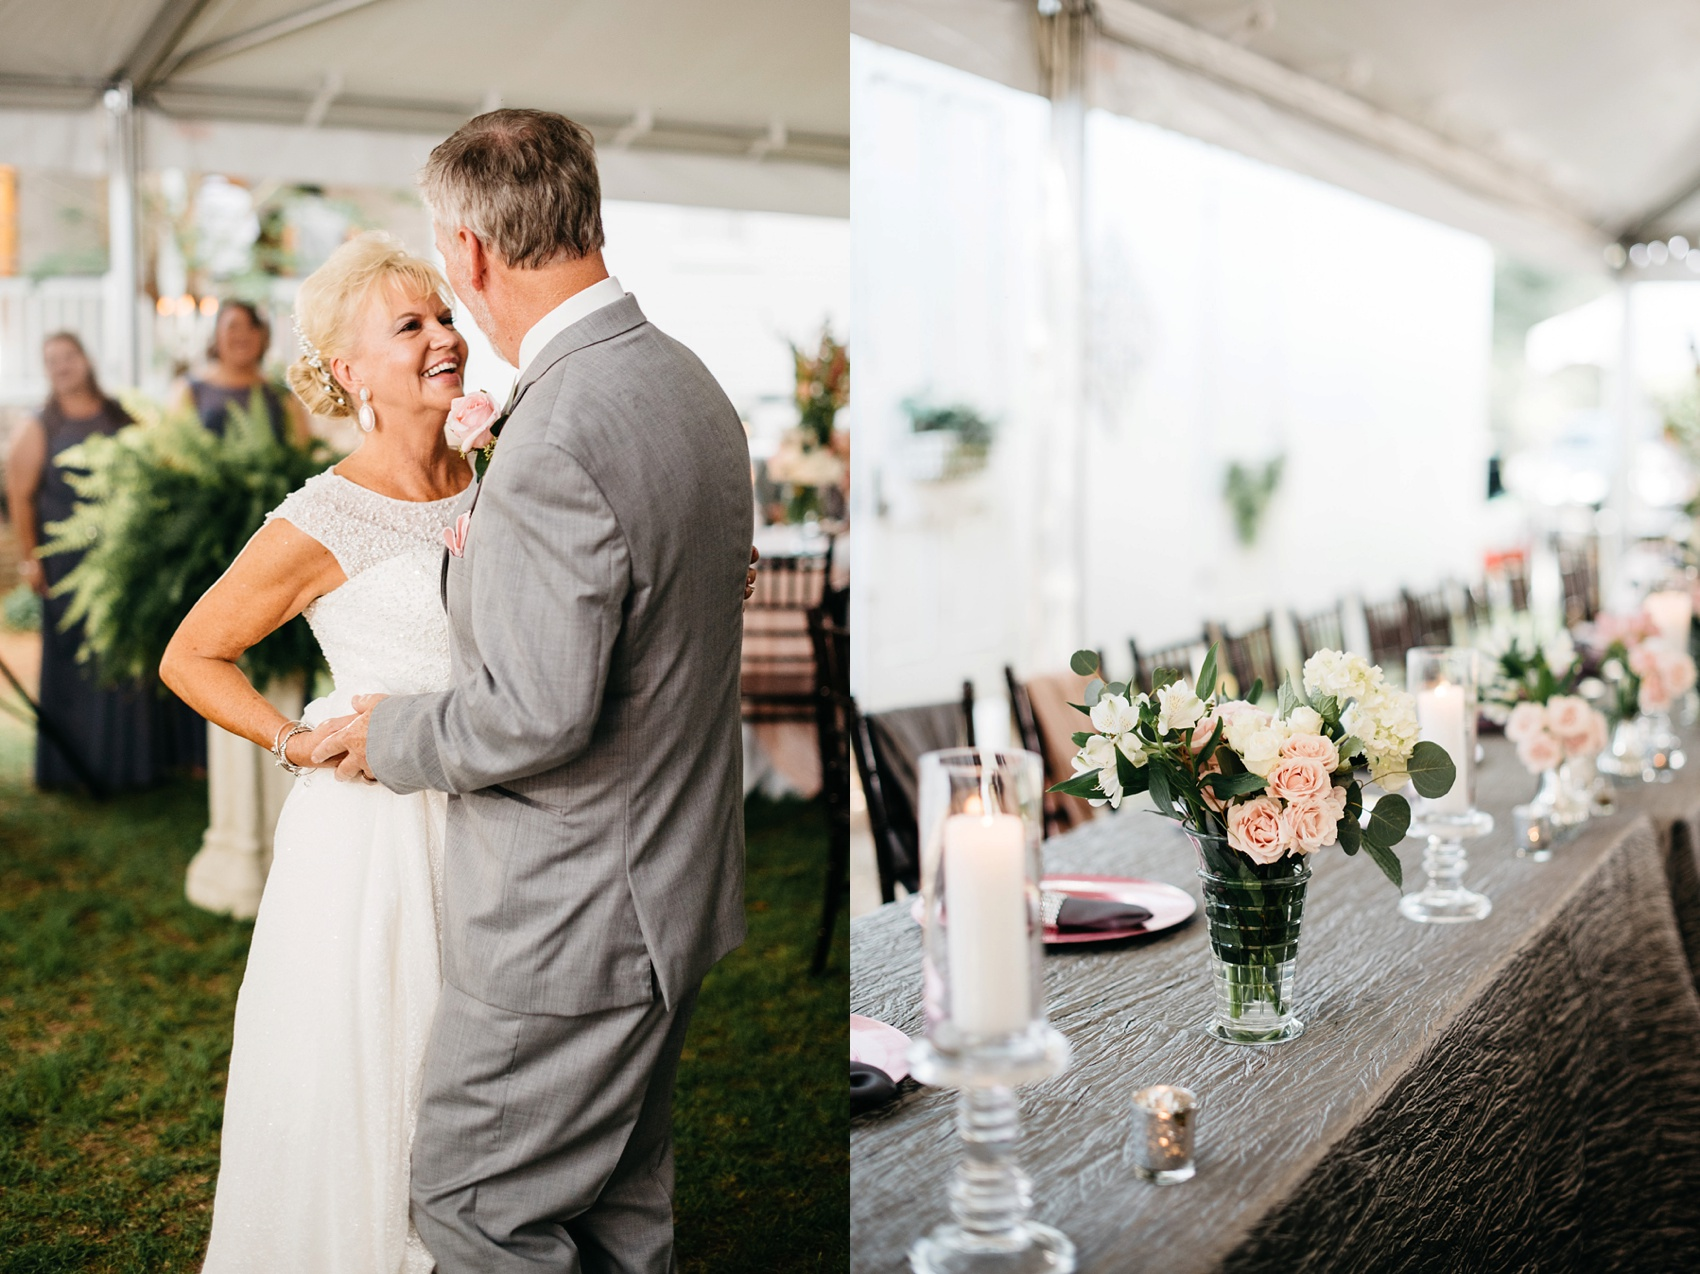 stillco_wedding_3274.jpg